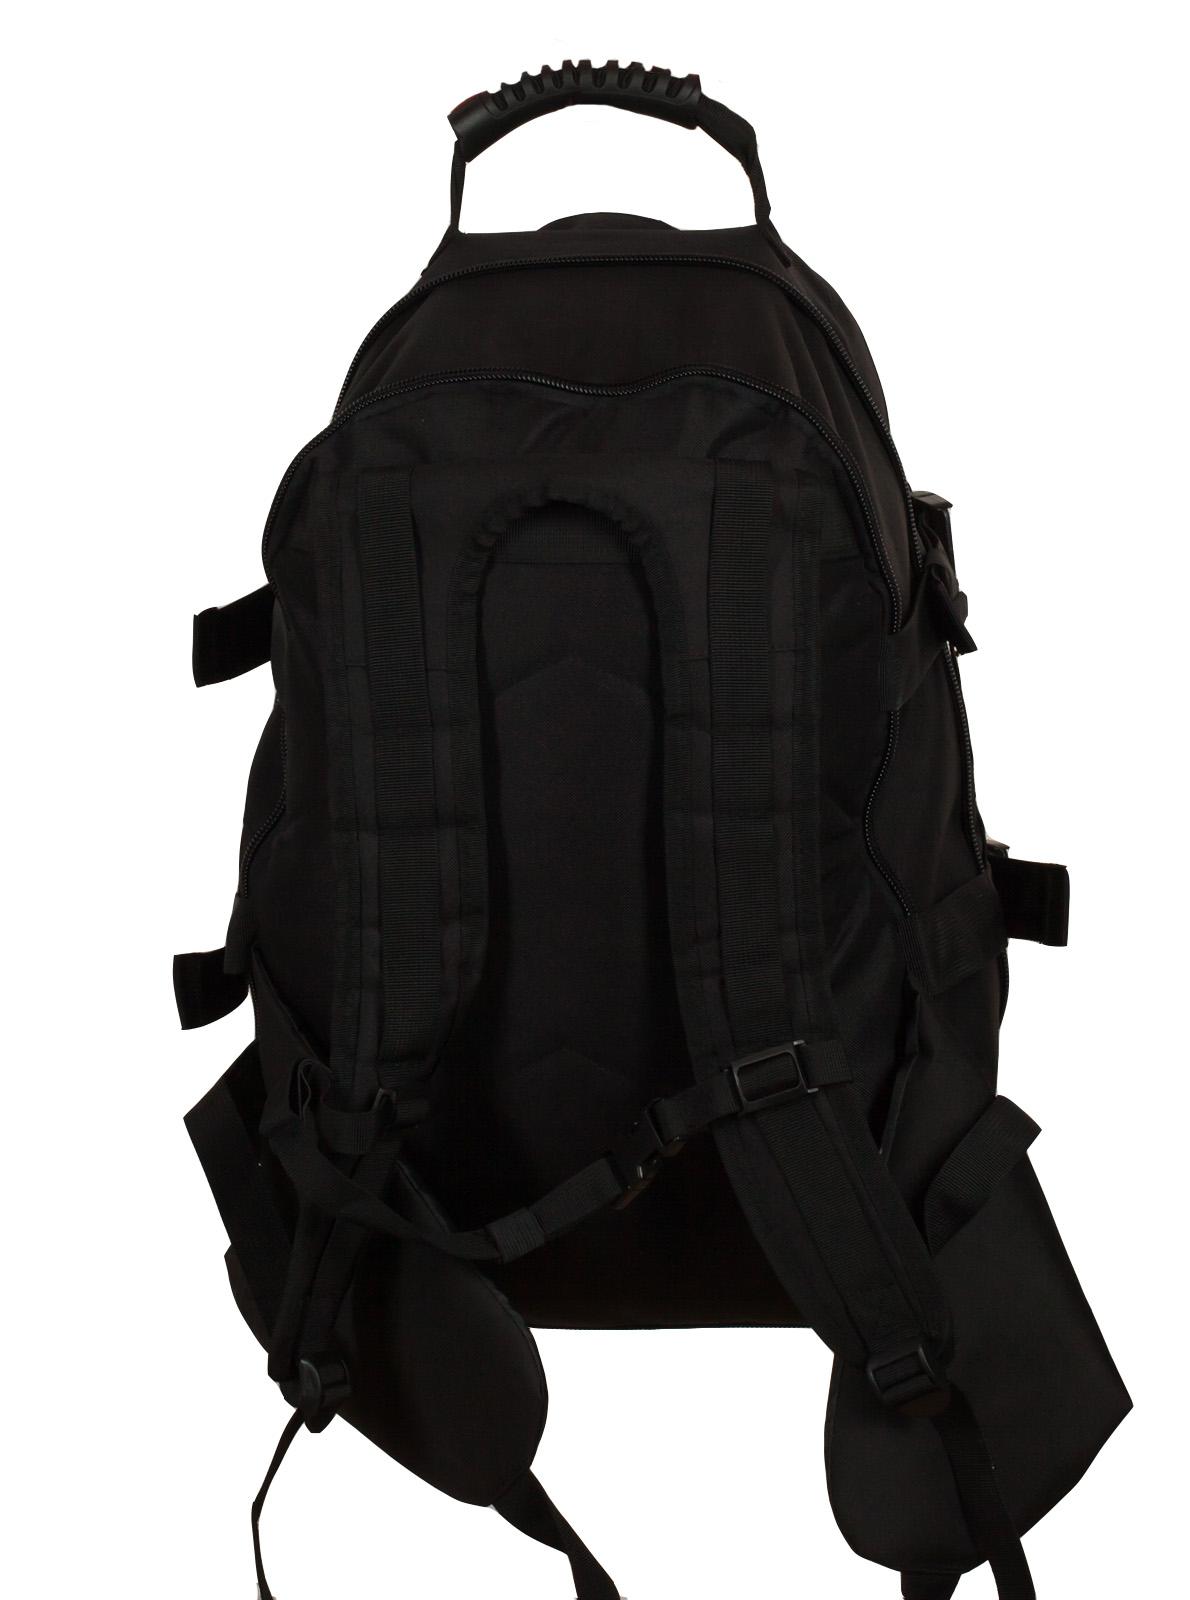 Армейский черный рюкзак с нашивкой МВД - заказать с доставкой